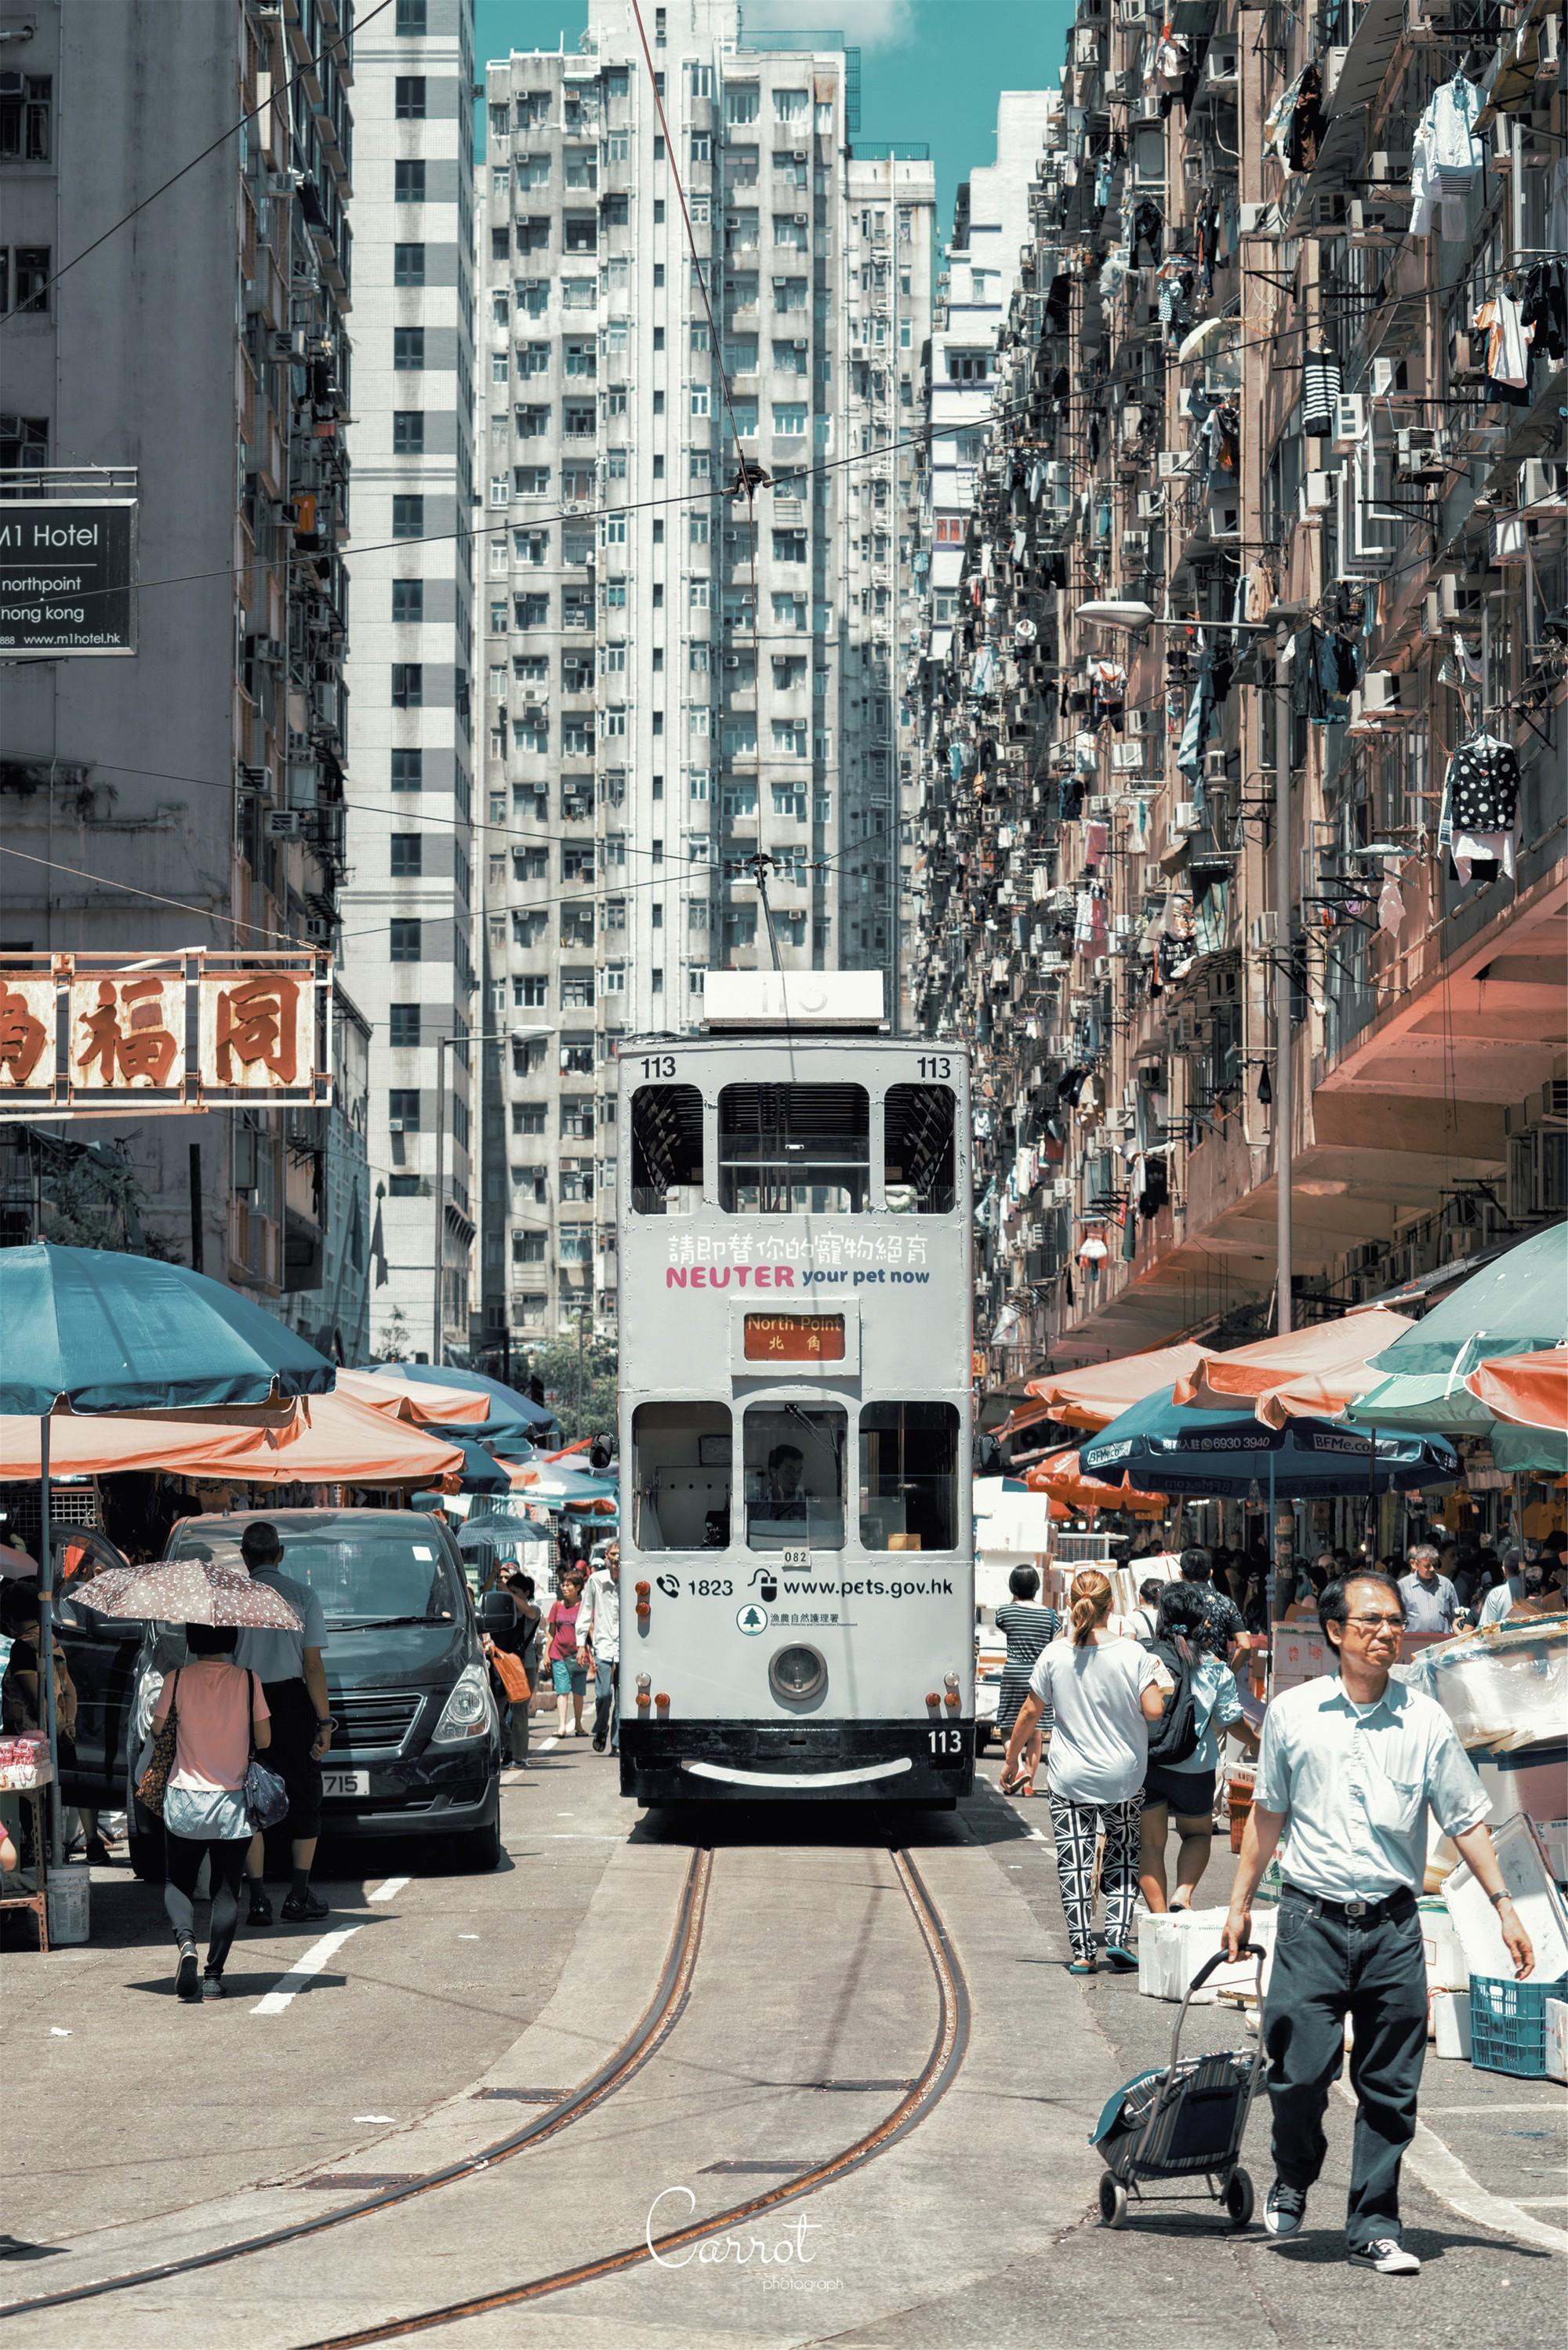 Bộ ảnh: Ngắm nhìn vẻ đẹp hoài cổ của những chiếc xe điện trăm năm tuổi của Hongkong - Ảnh 2.